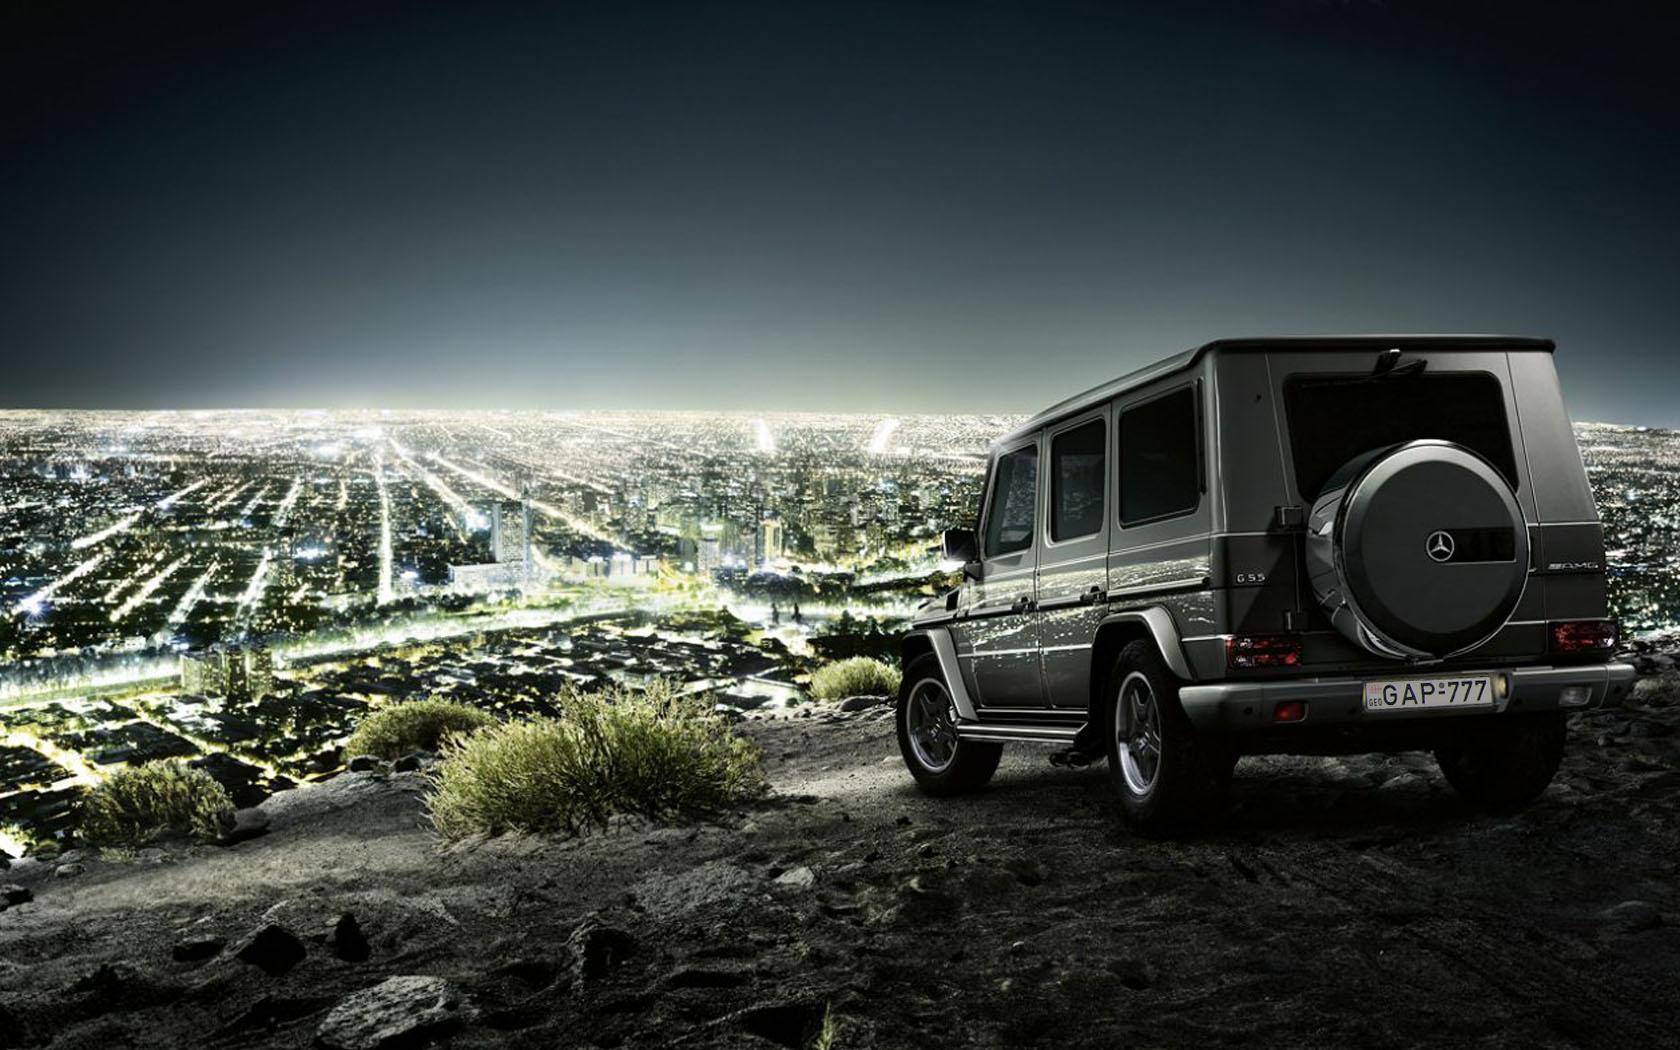 42072 скачать обои Пейзаж, Города, Машины, Мерседес (Mercedes) - заставки и картинки бесплатно